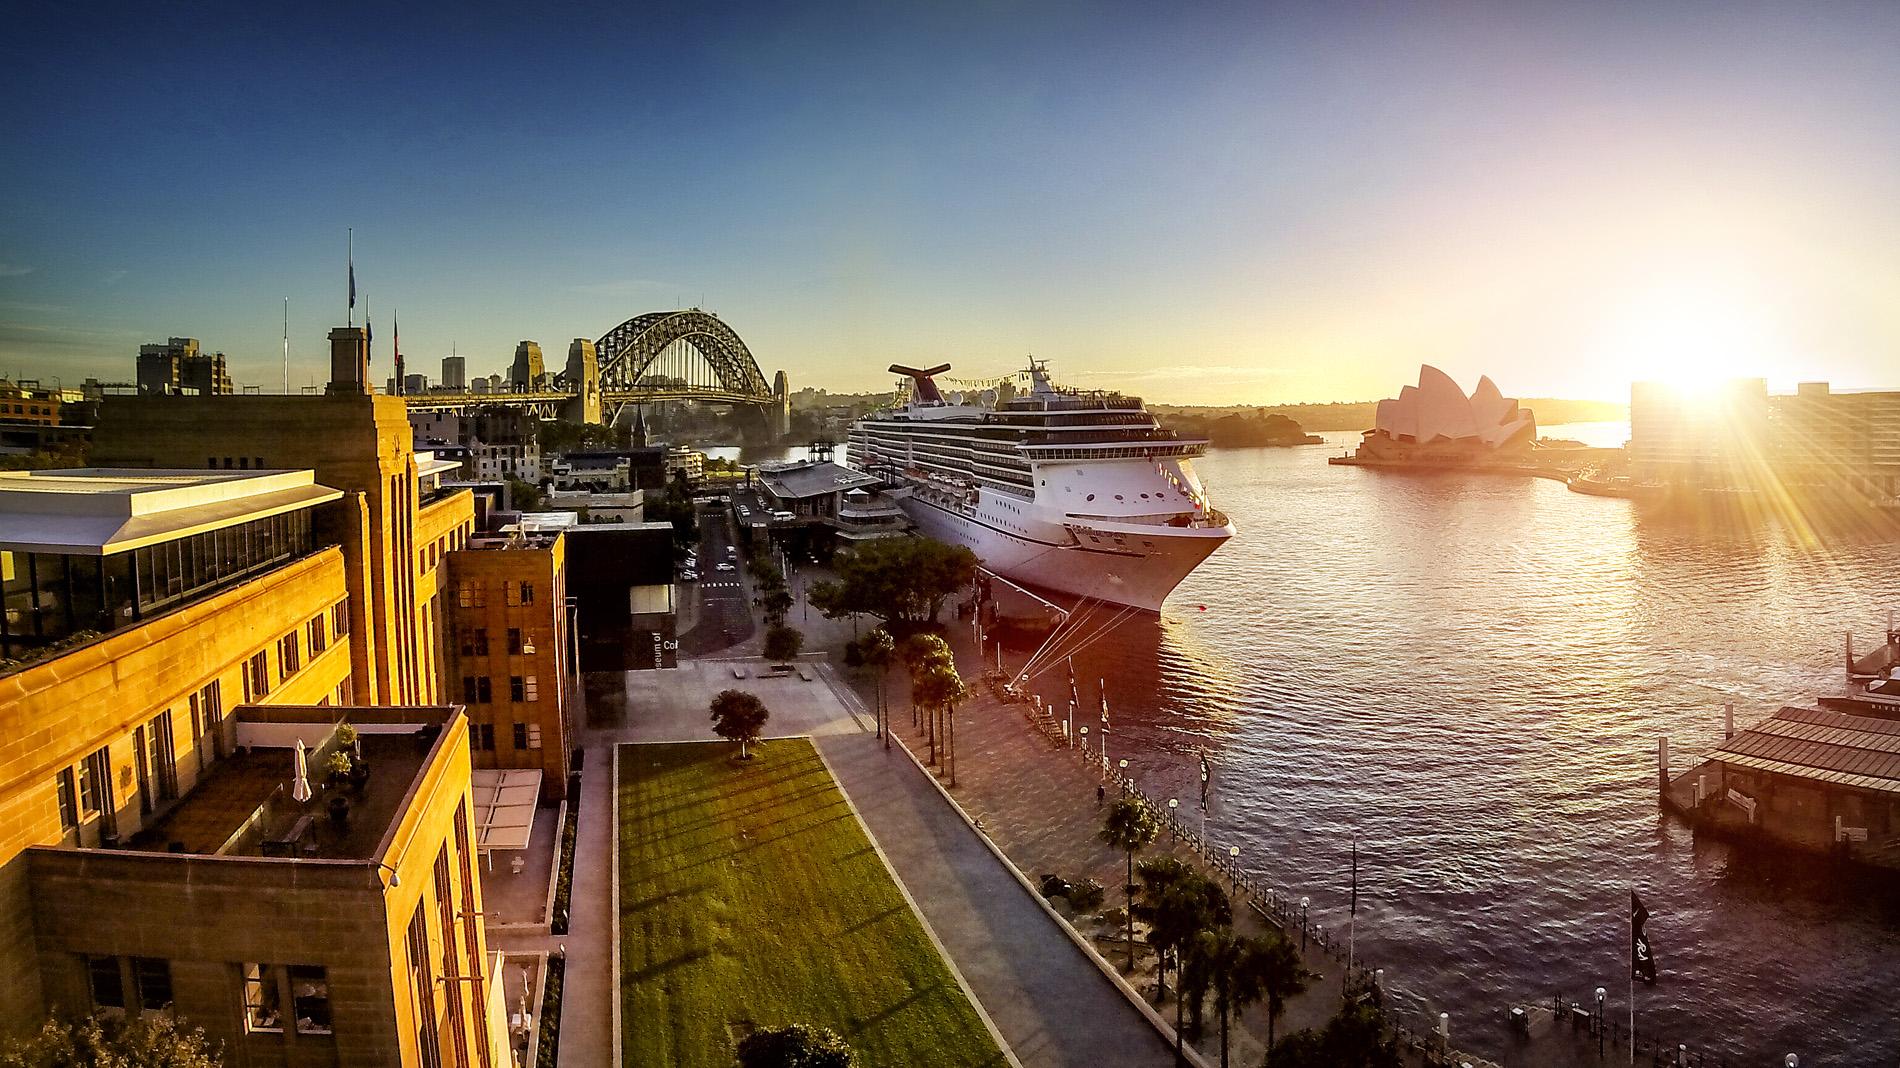 Circlular Quay Sydney